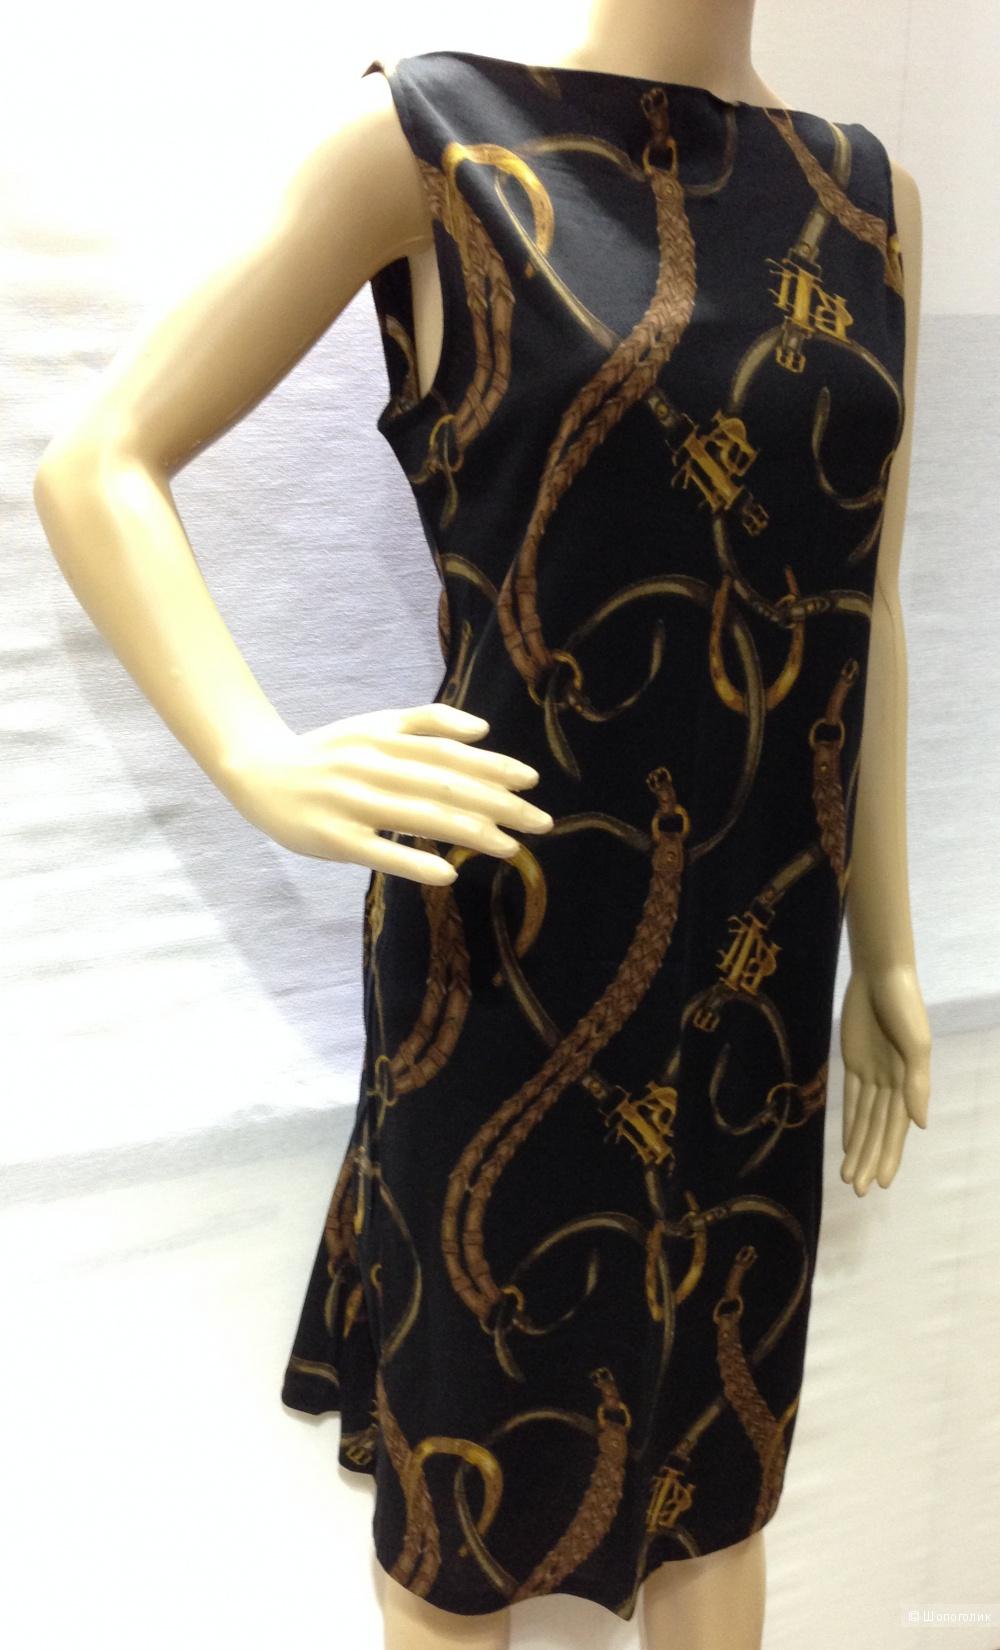 Ralph Lauren шикарное трикотажное платье с фирменным принтом цепями р.48 Новое.Оригинал